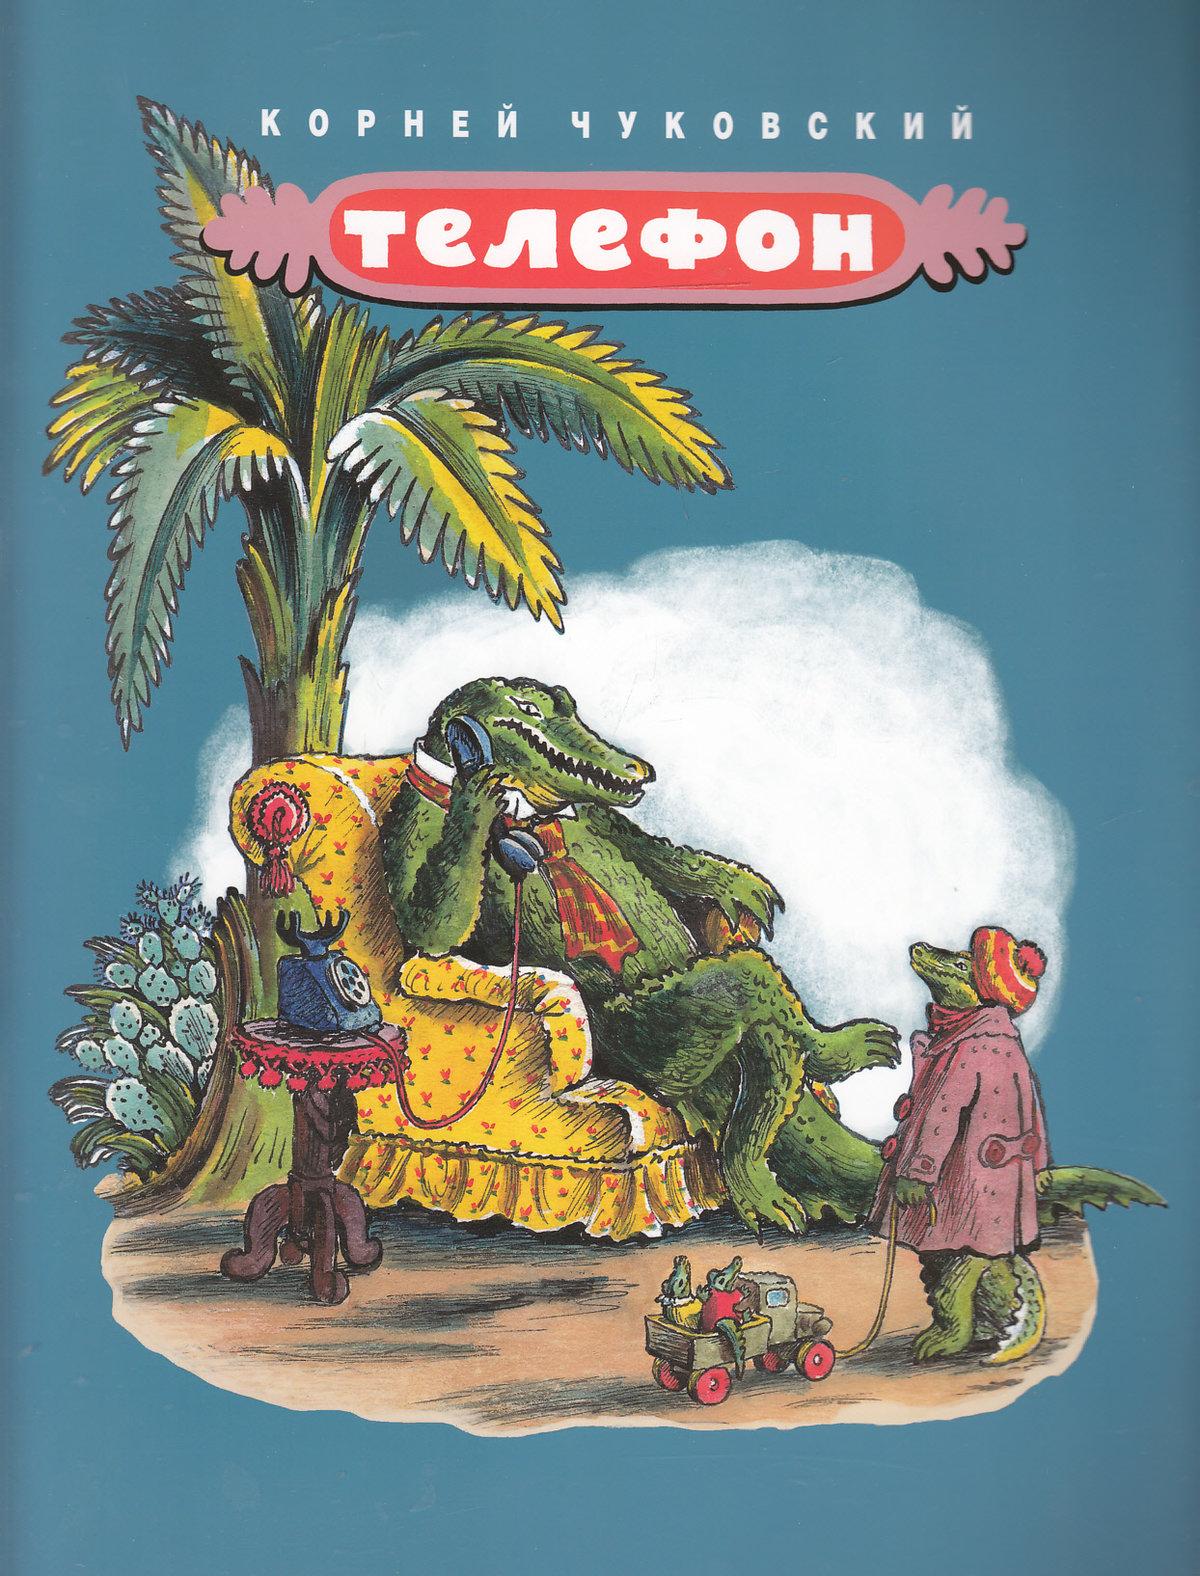 Картинка книги телефон чуковский